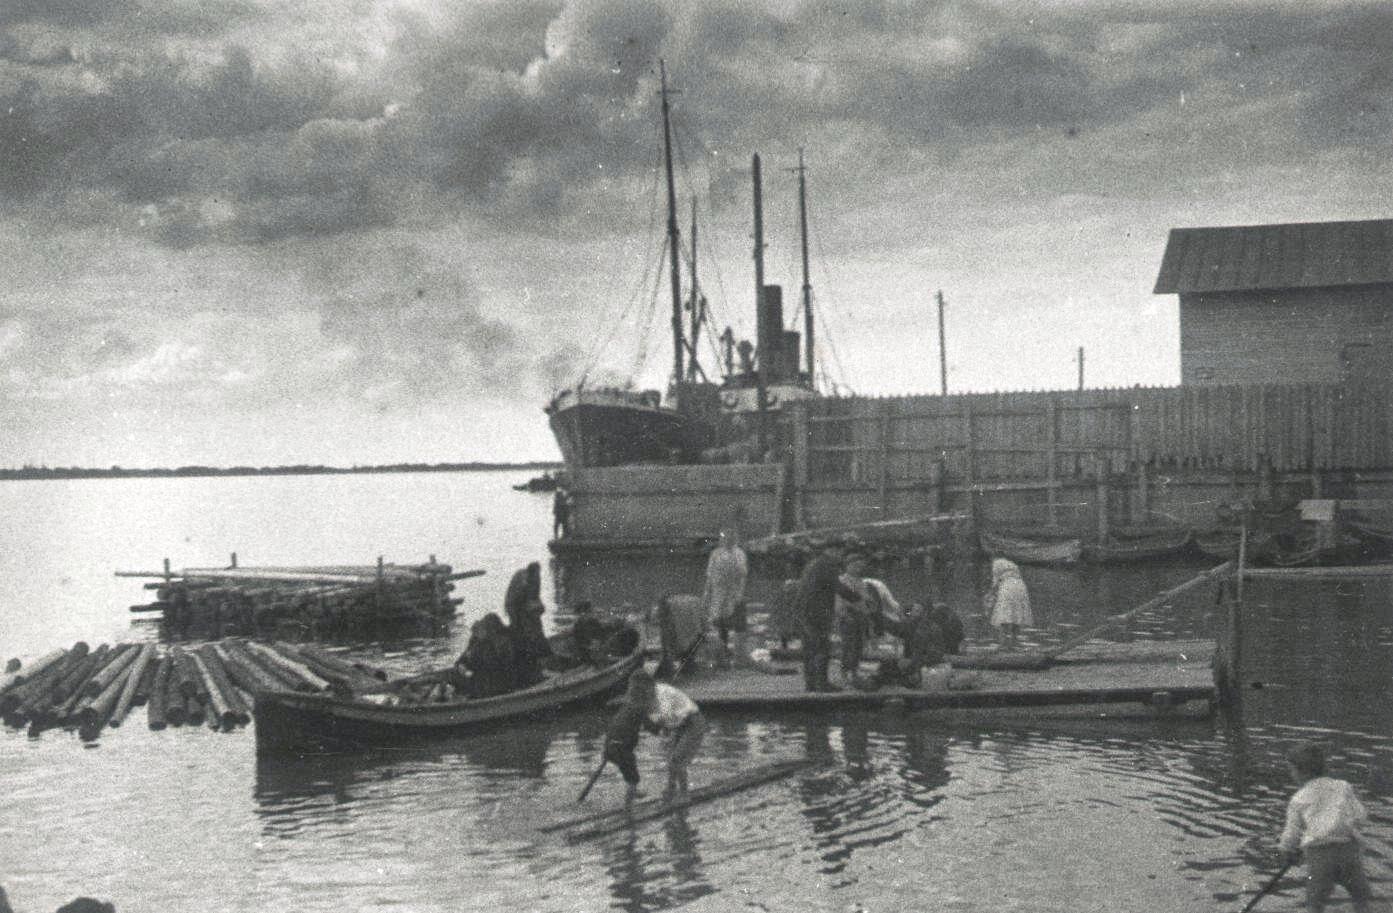 1926-1927. Архангельск. Остатки сплава. Север